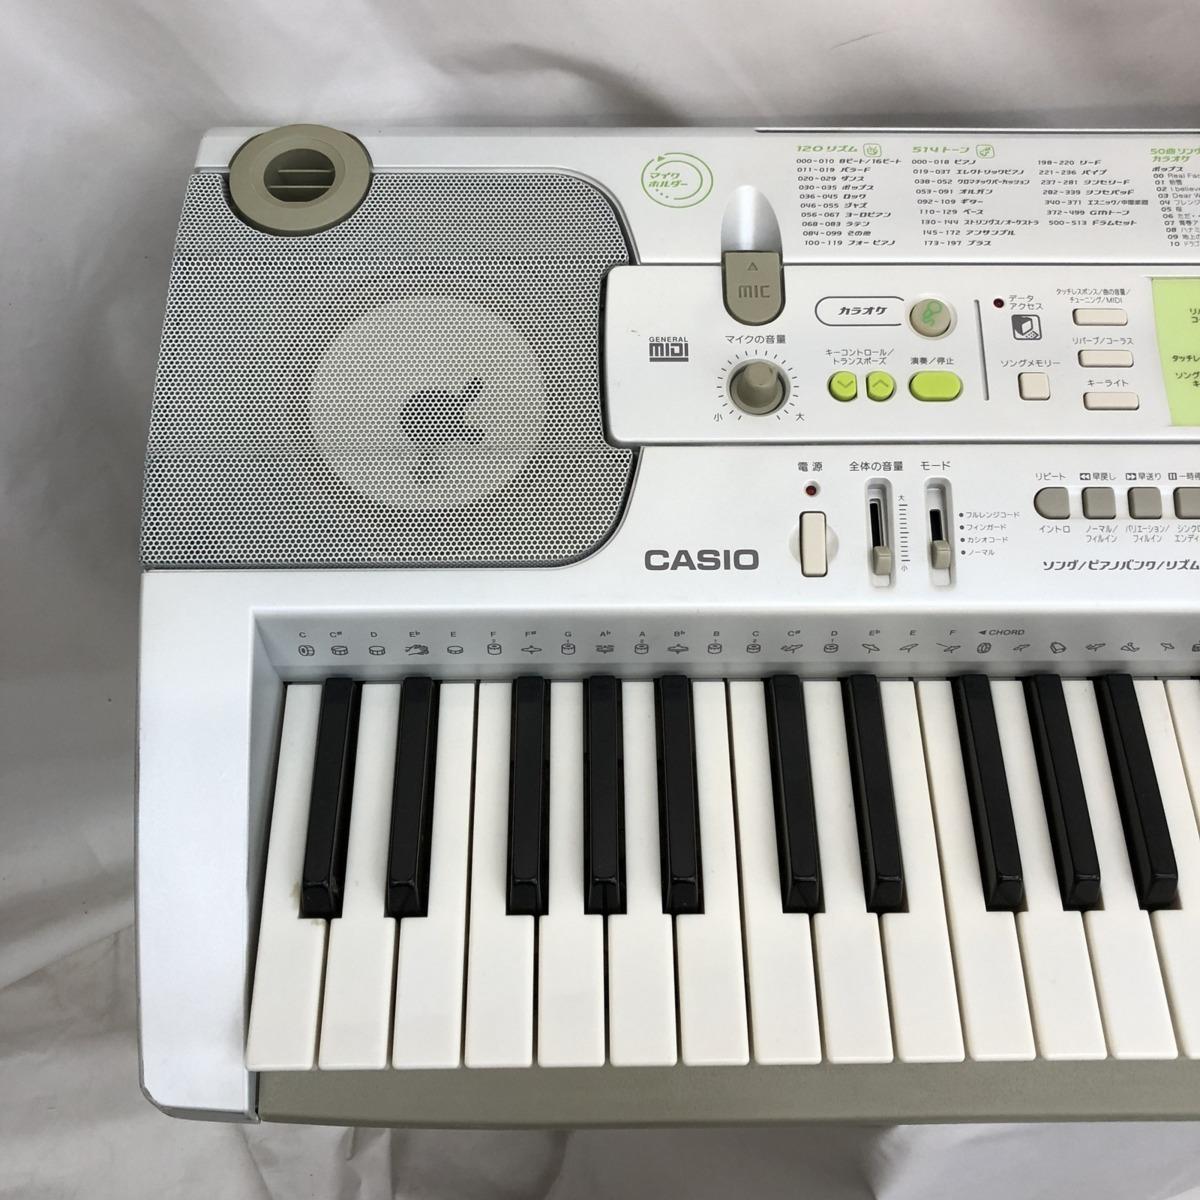 中古 CASIO カシオ 電子キーボード 光ナビゲーション LK-202TV 61鍵盤 シルバー グリーン 電子ピアノ 鍵盤楽器 アダプター 難あり H15233_画像4